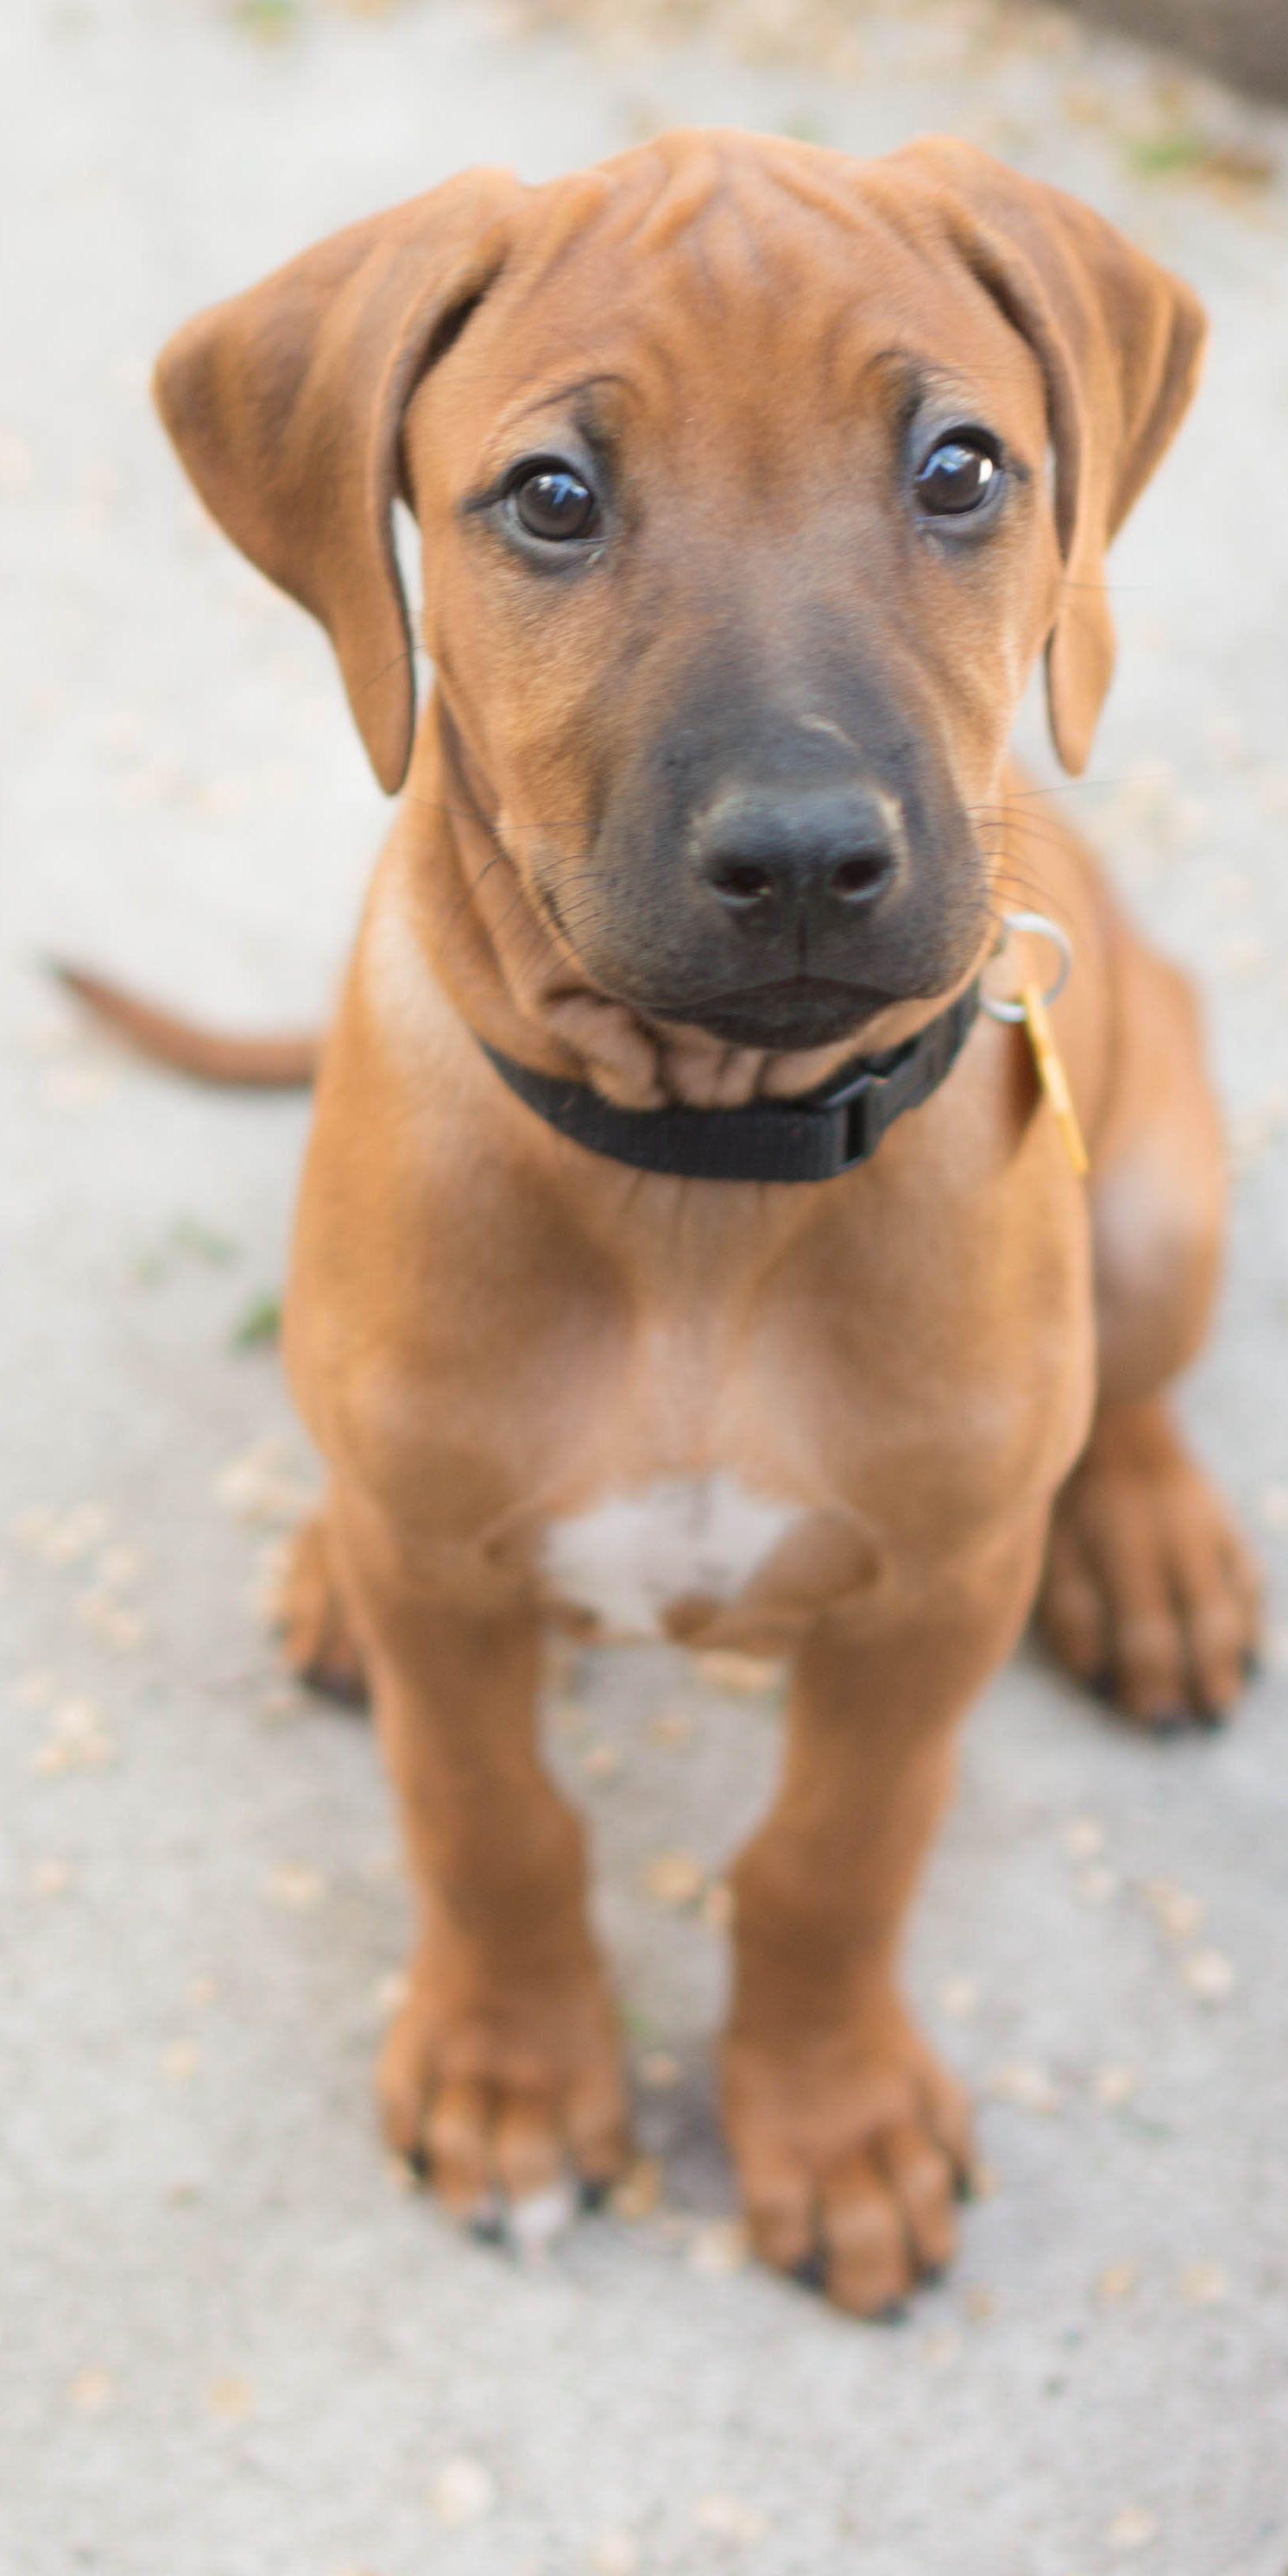 Most Inspiring Rhodesian Ridgeback Brown Adorable Dog - 32cb6c31db8a6154e5a99904007db504  Snapshot_27985  .jpg